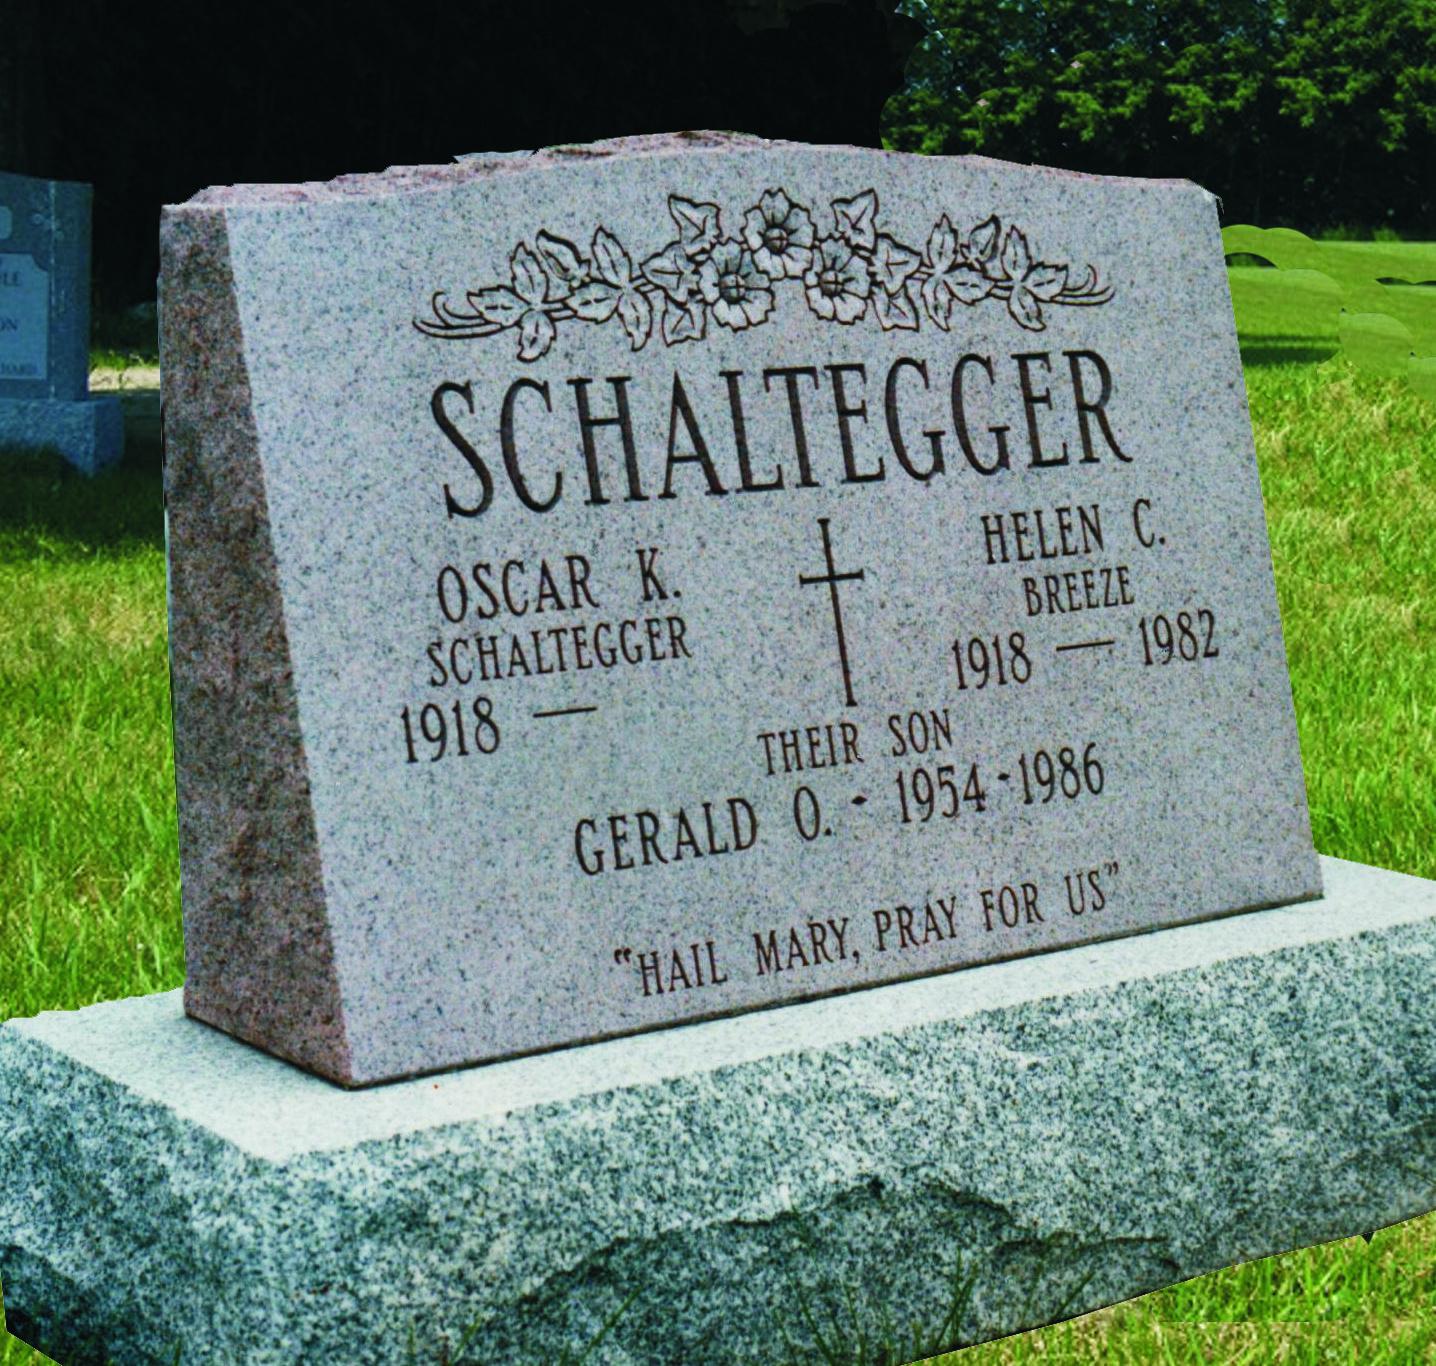 Shaltegger